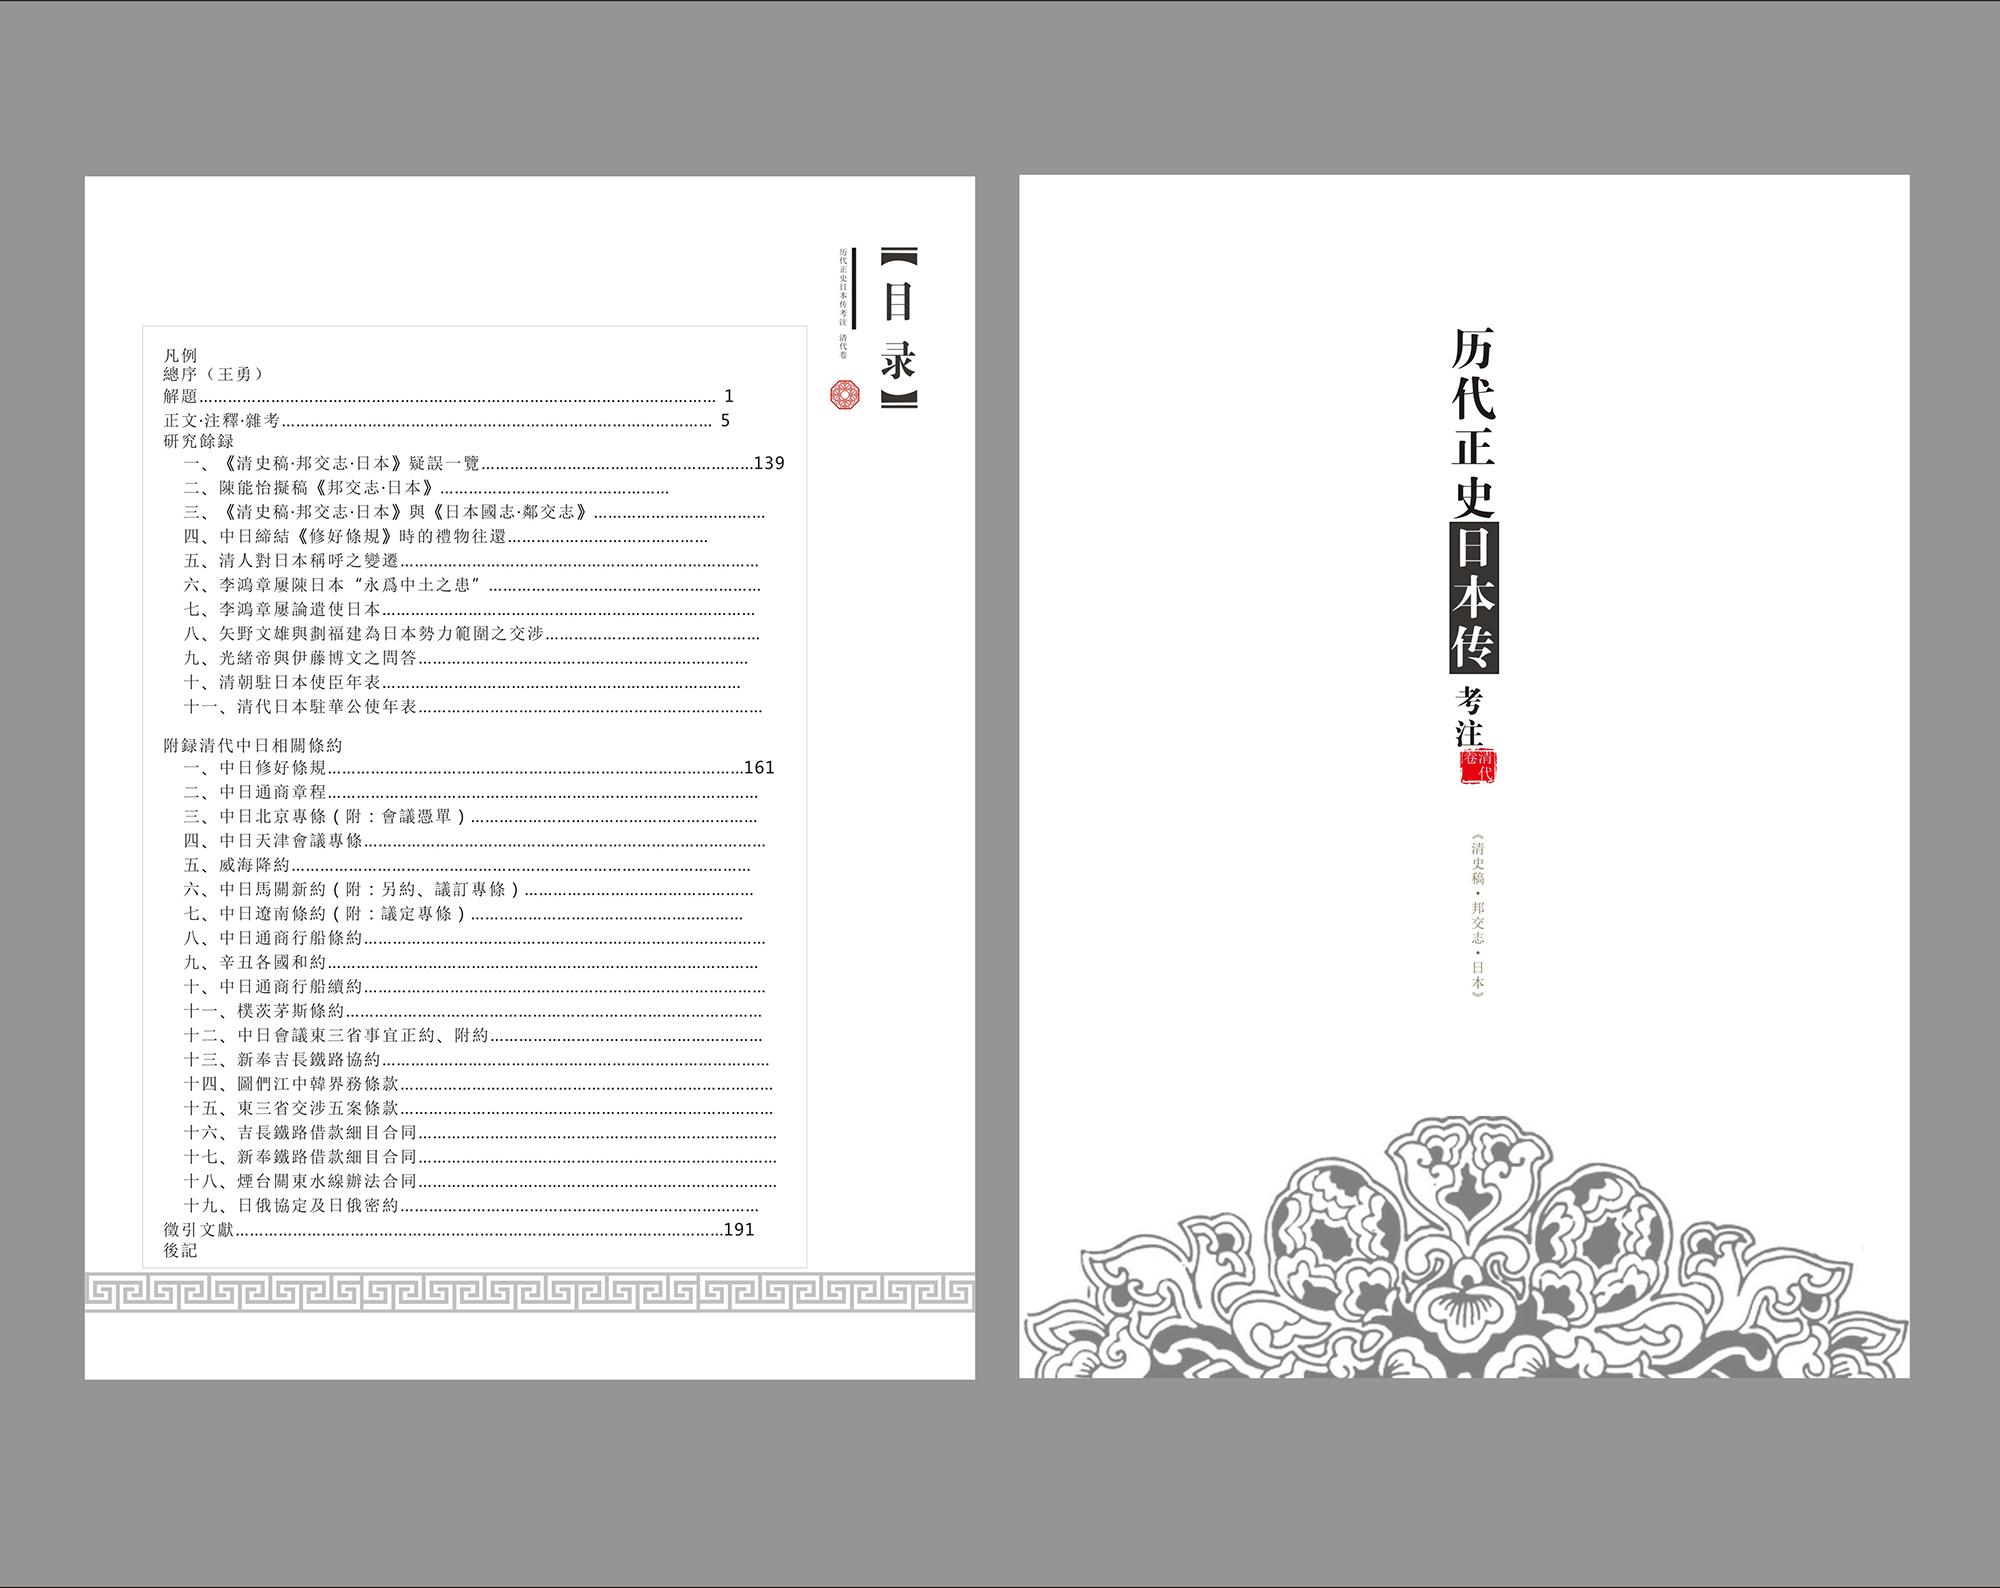 书籍版式设计急_mf18267123705_排版设计_1885731